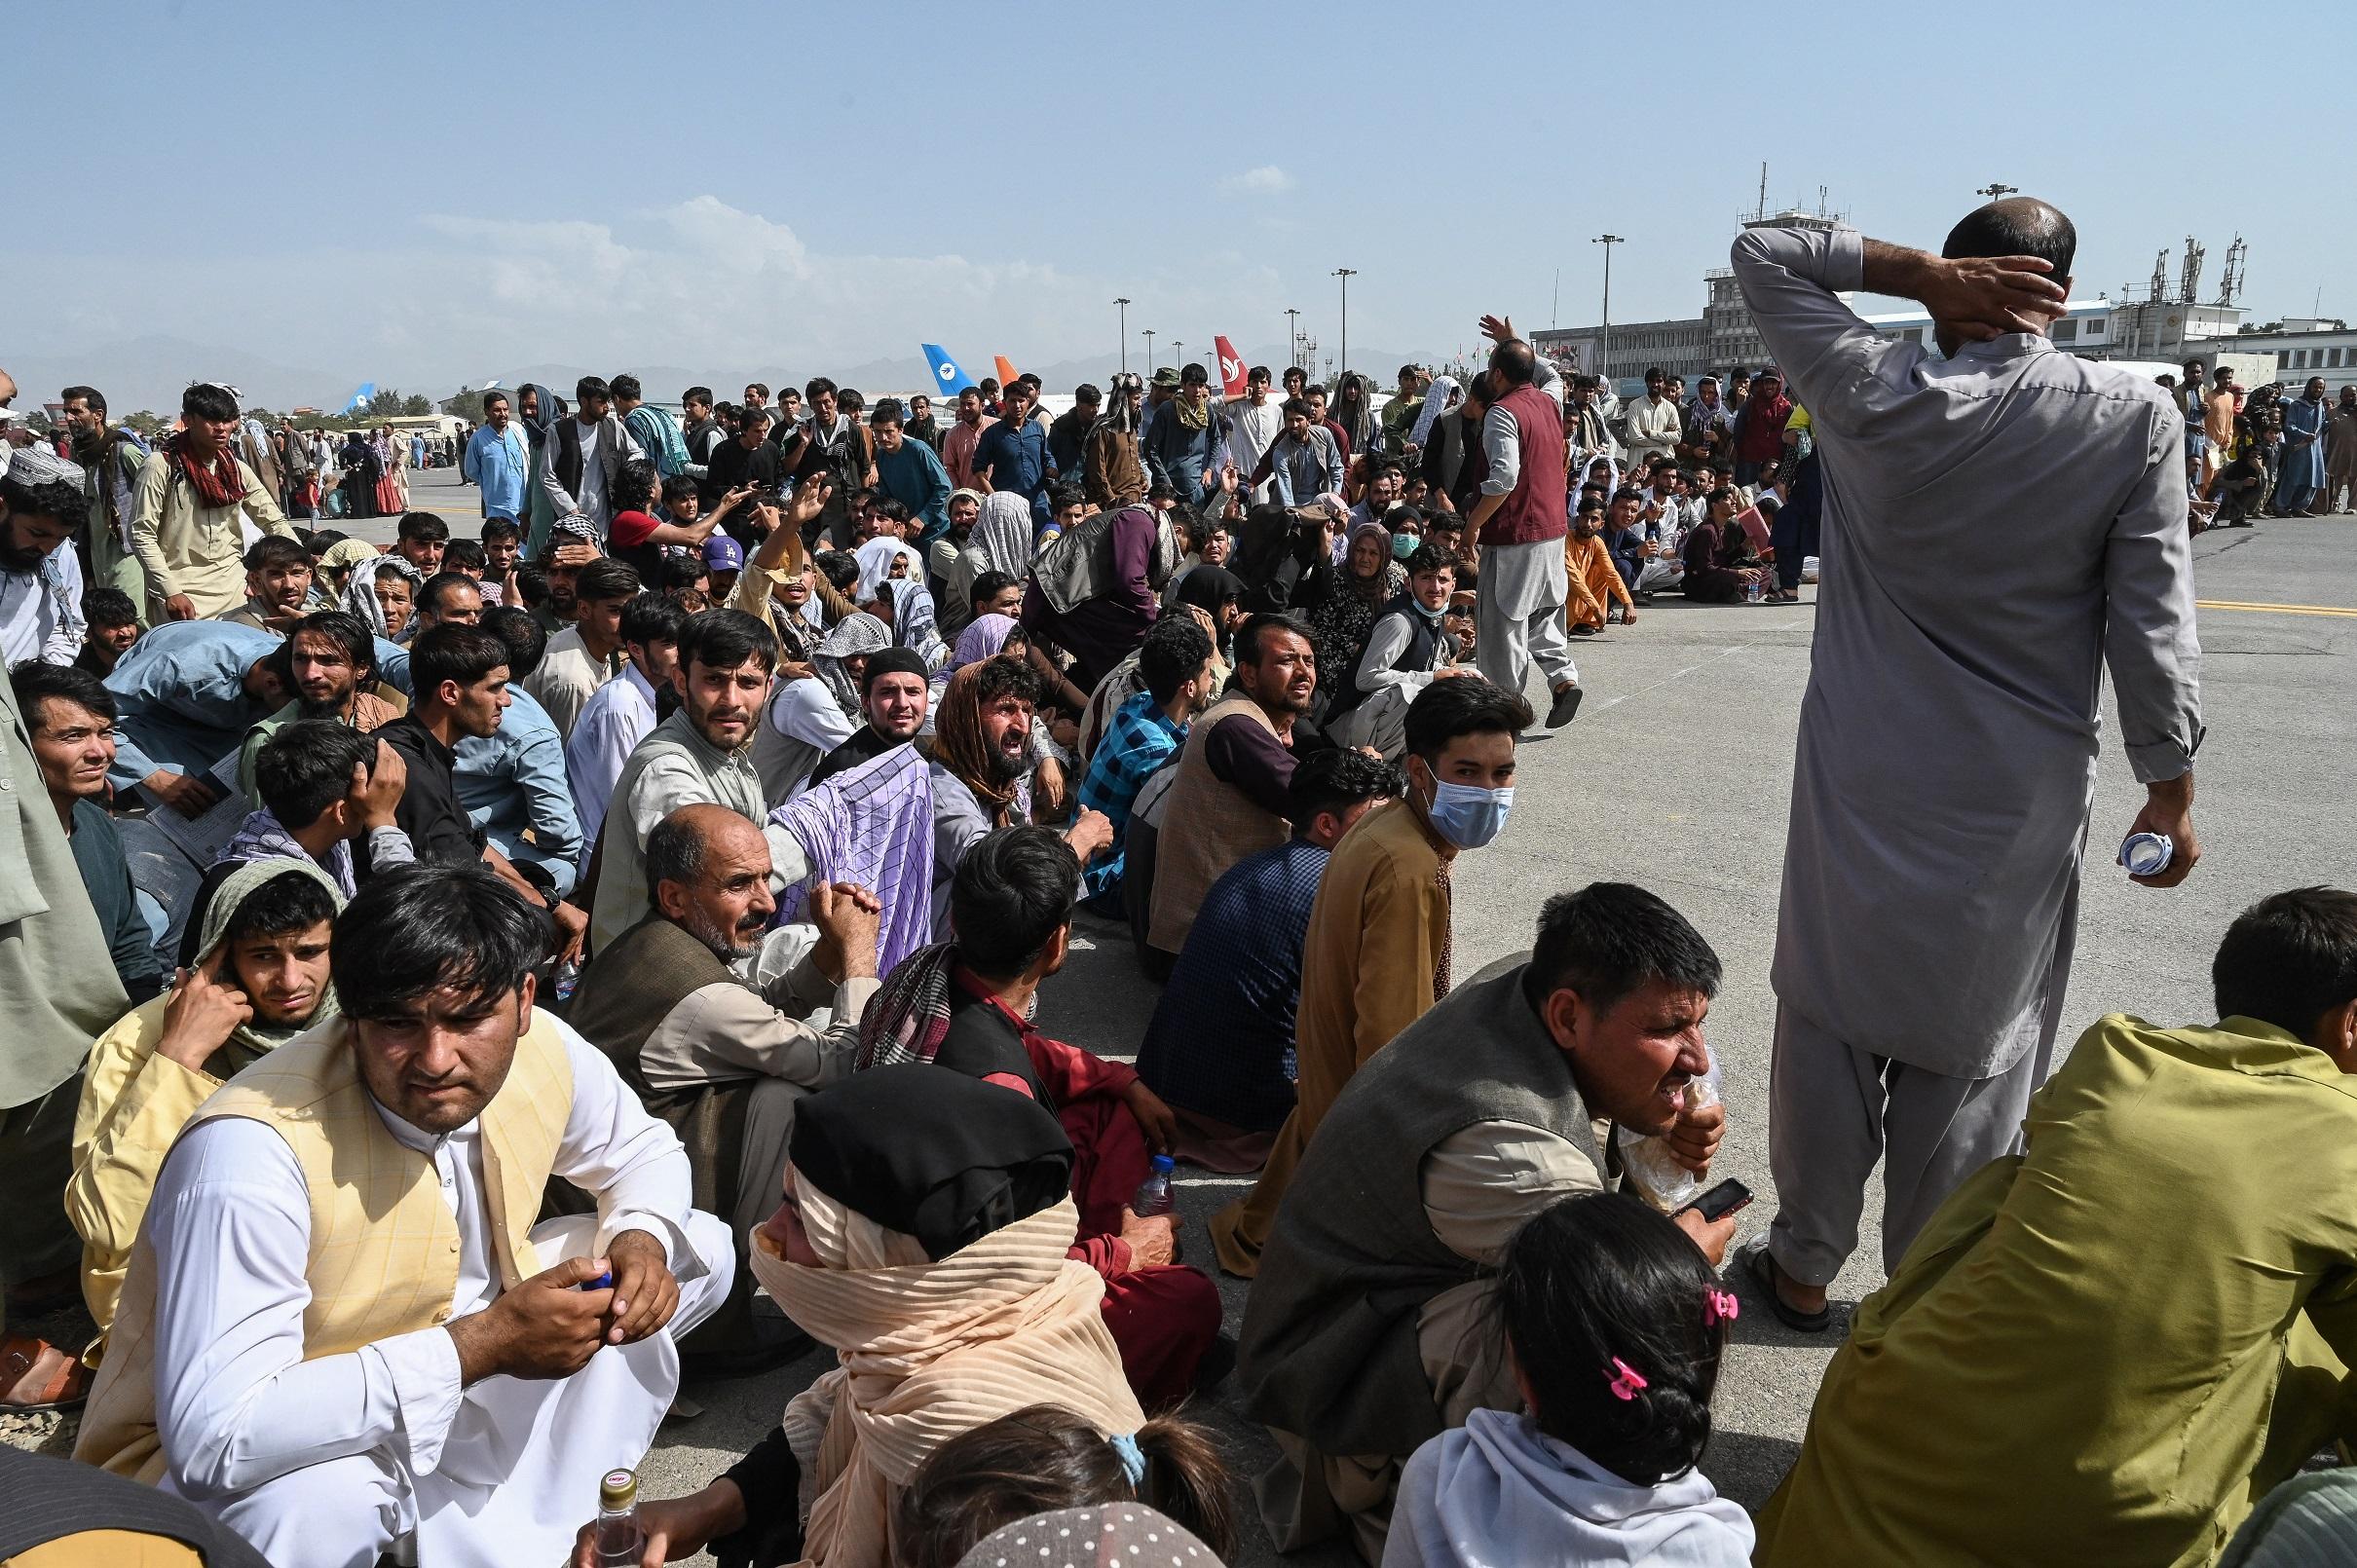 Felfüggesztik az evakuálást Kabulban, miután civilek ezrei rohamozták meg a kifutópályát a reptéren